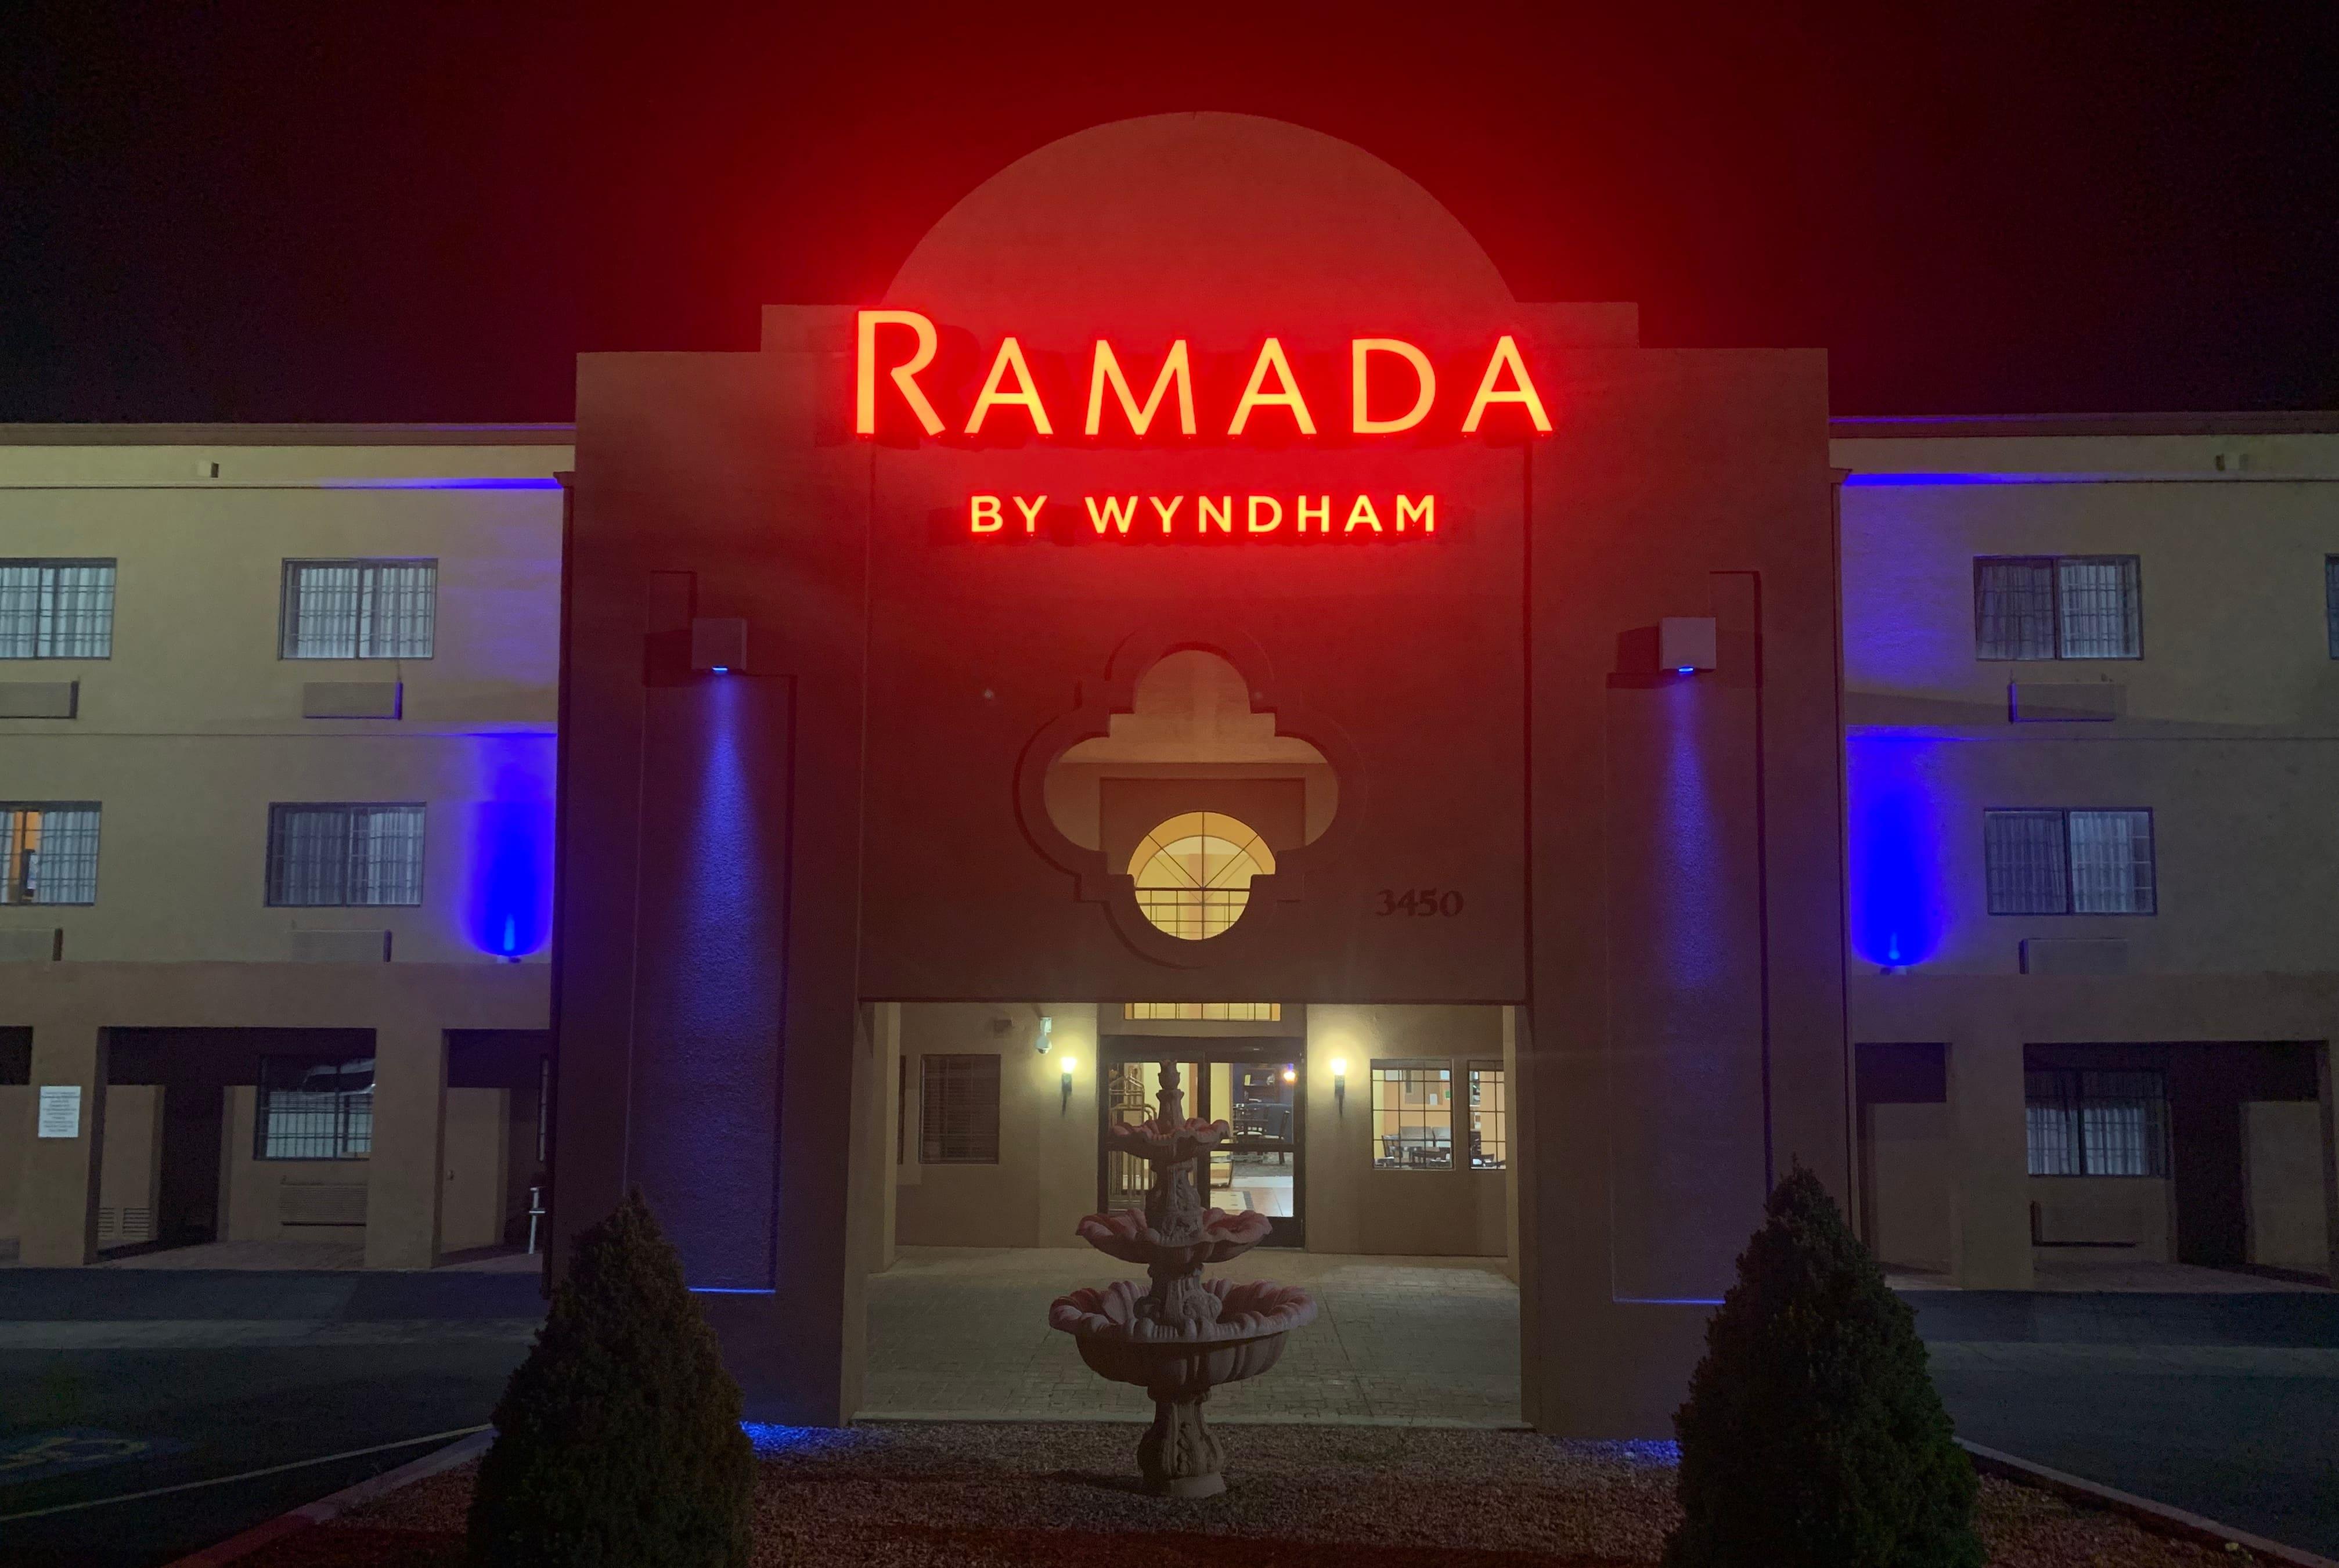 ramada by wyndham santa fe santa fe nm hotels ramada by wyndham santa fe santa fe